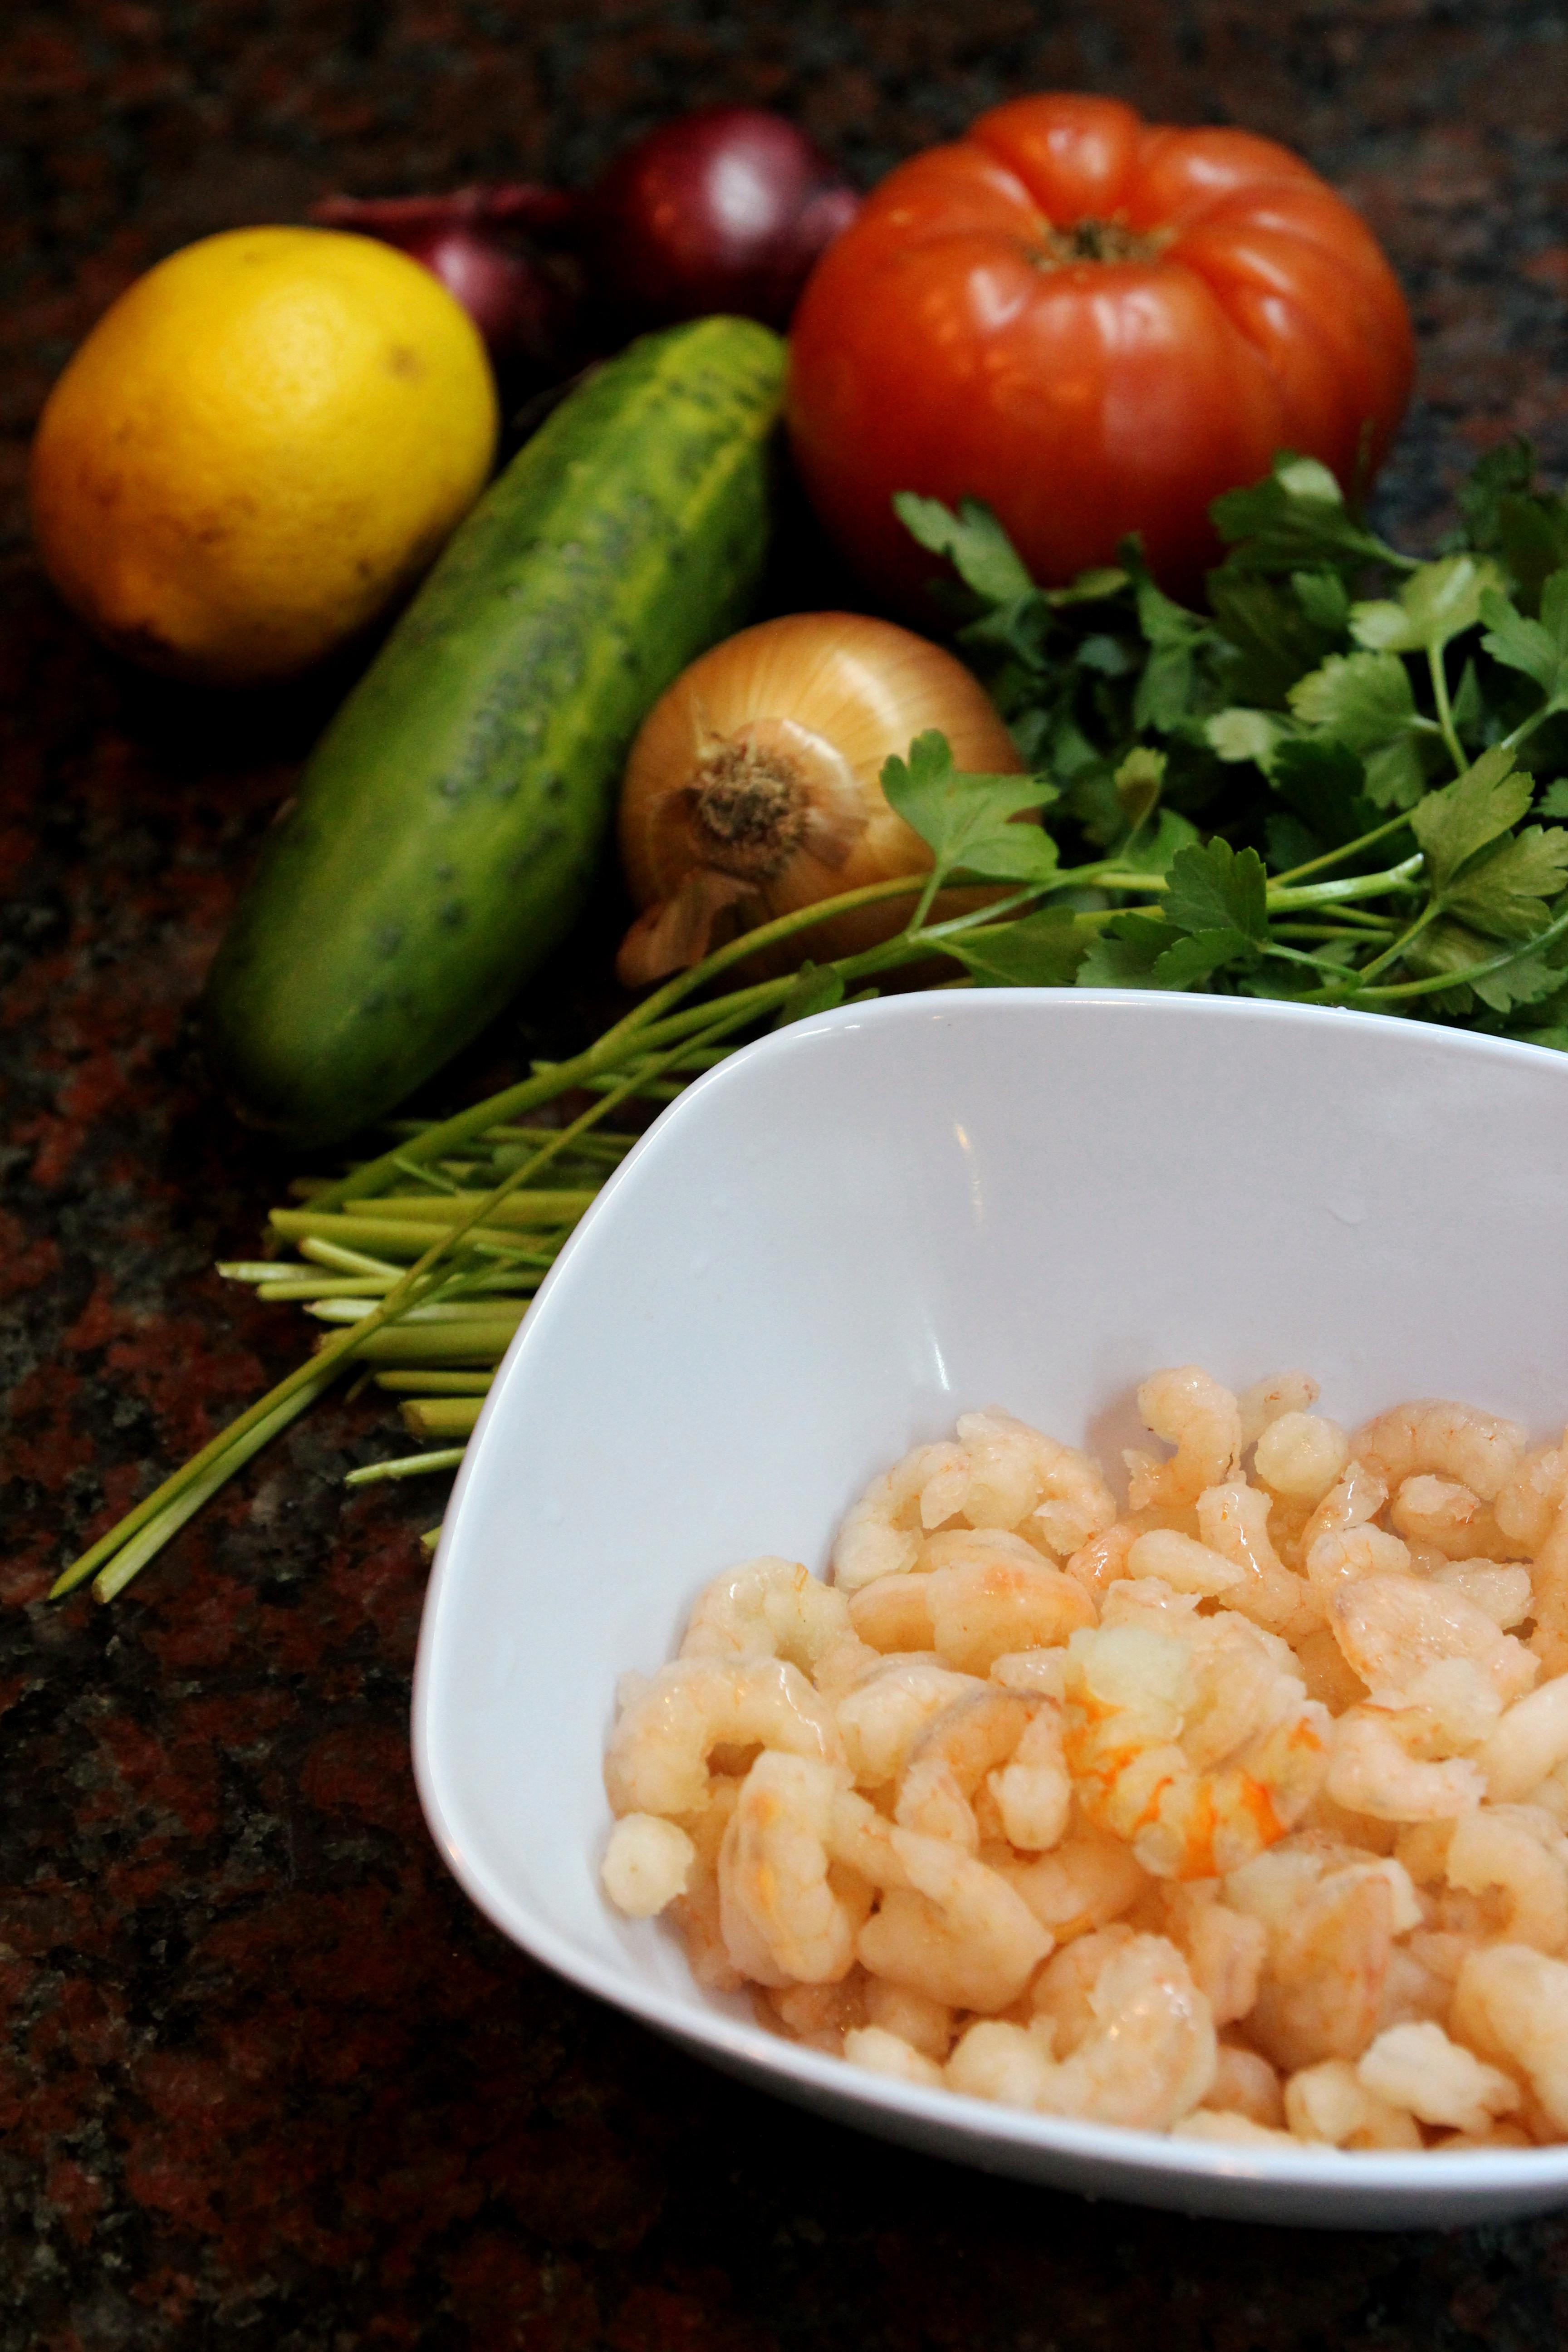 Shrimp & Vegetable Salad